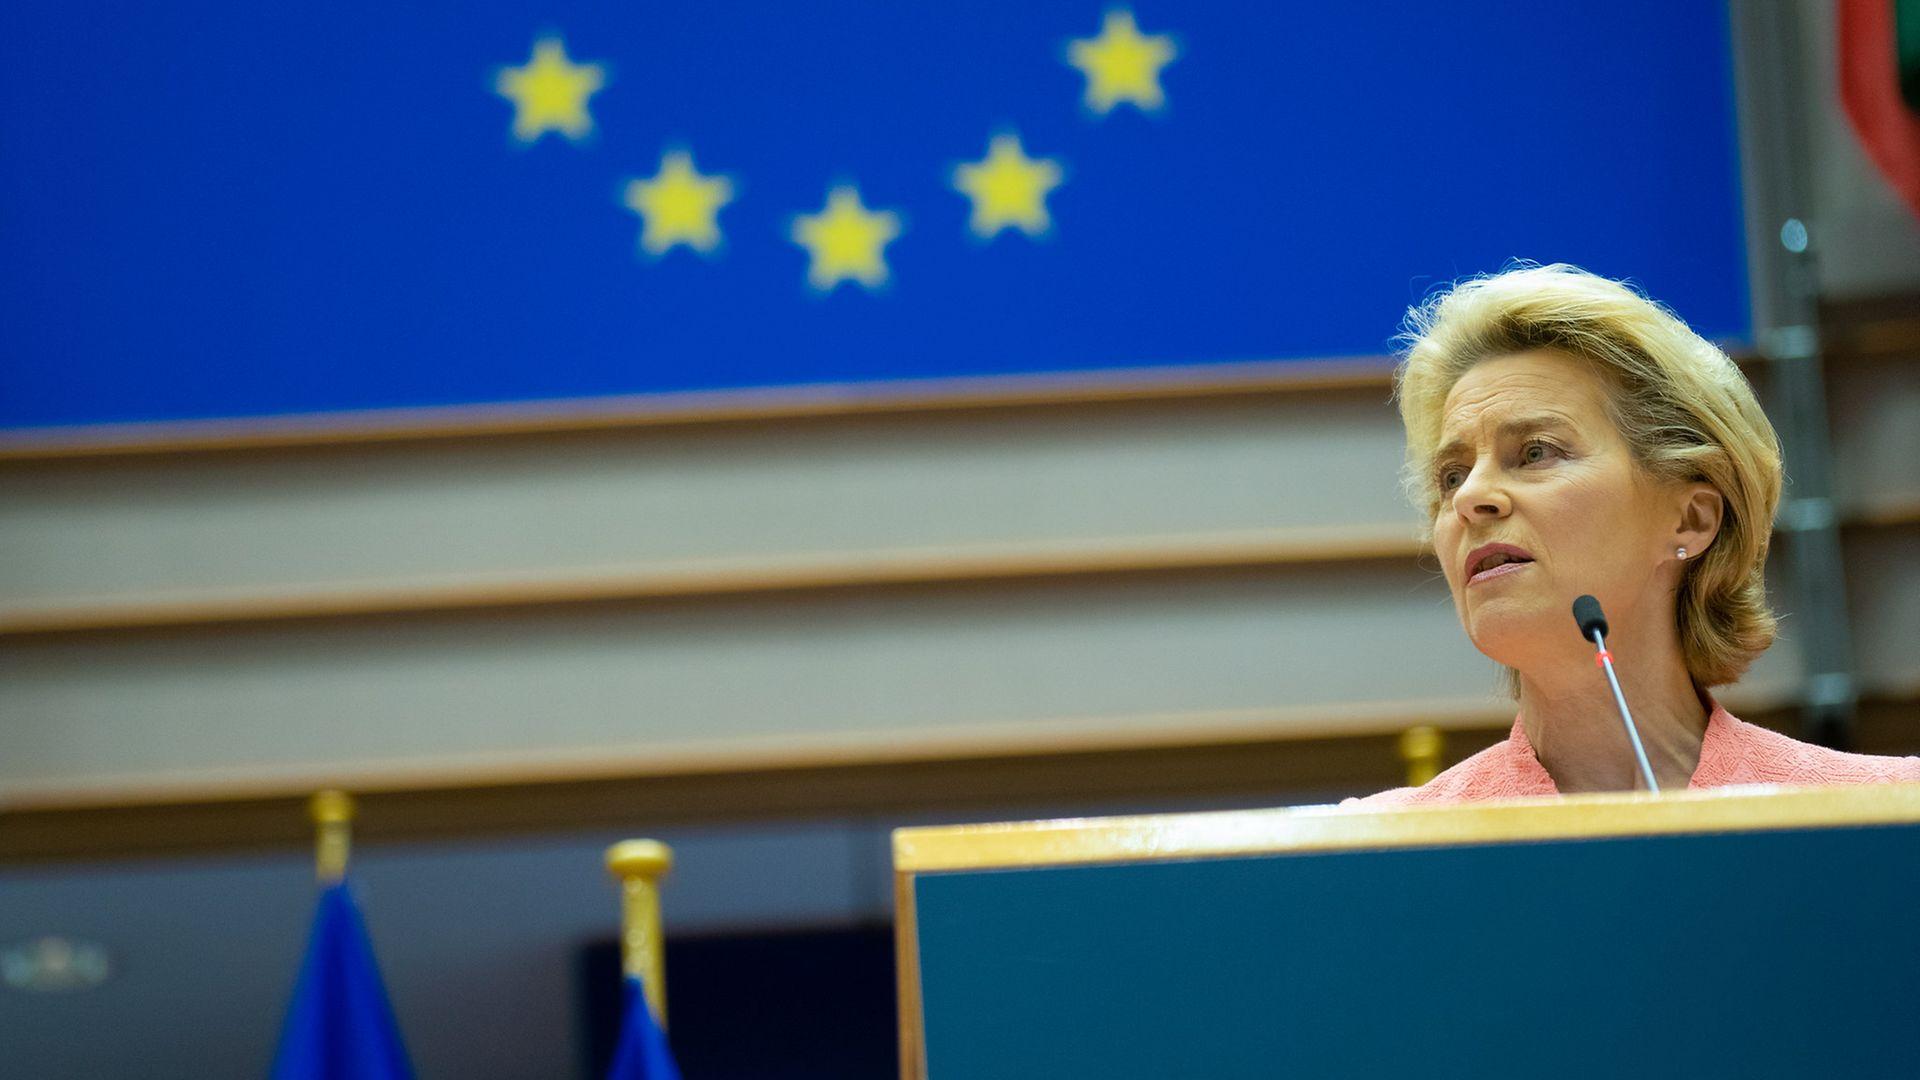 EU Commission president Ursula von der Leyen - Credit: European Parliament